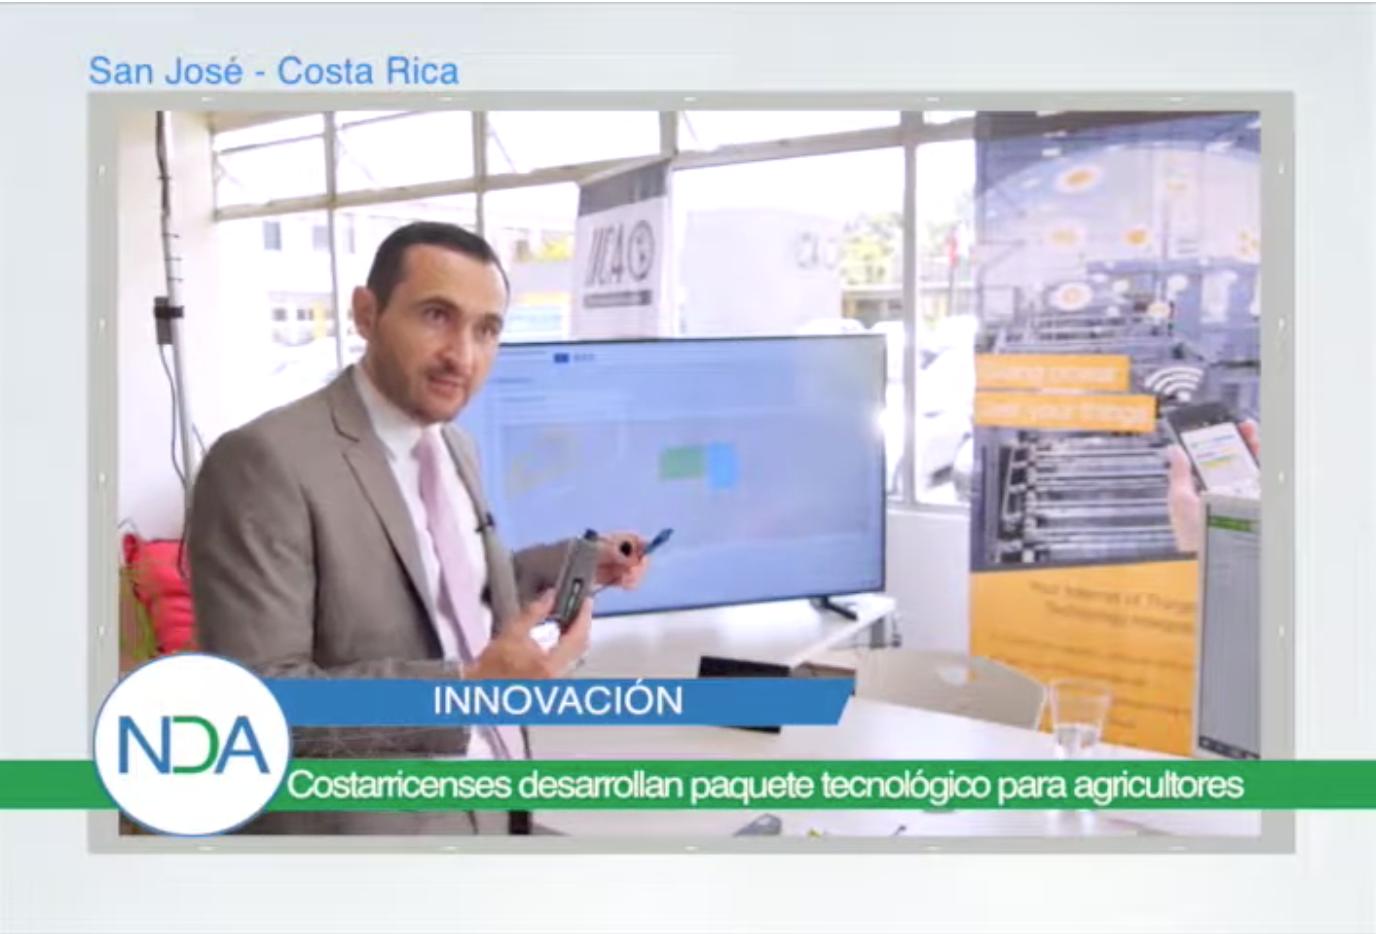 Las ventajas y beneficios de la agricultura en tiempos de @Sigfox: El caso de Costa Rica (VIDEO)